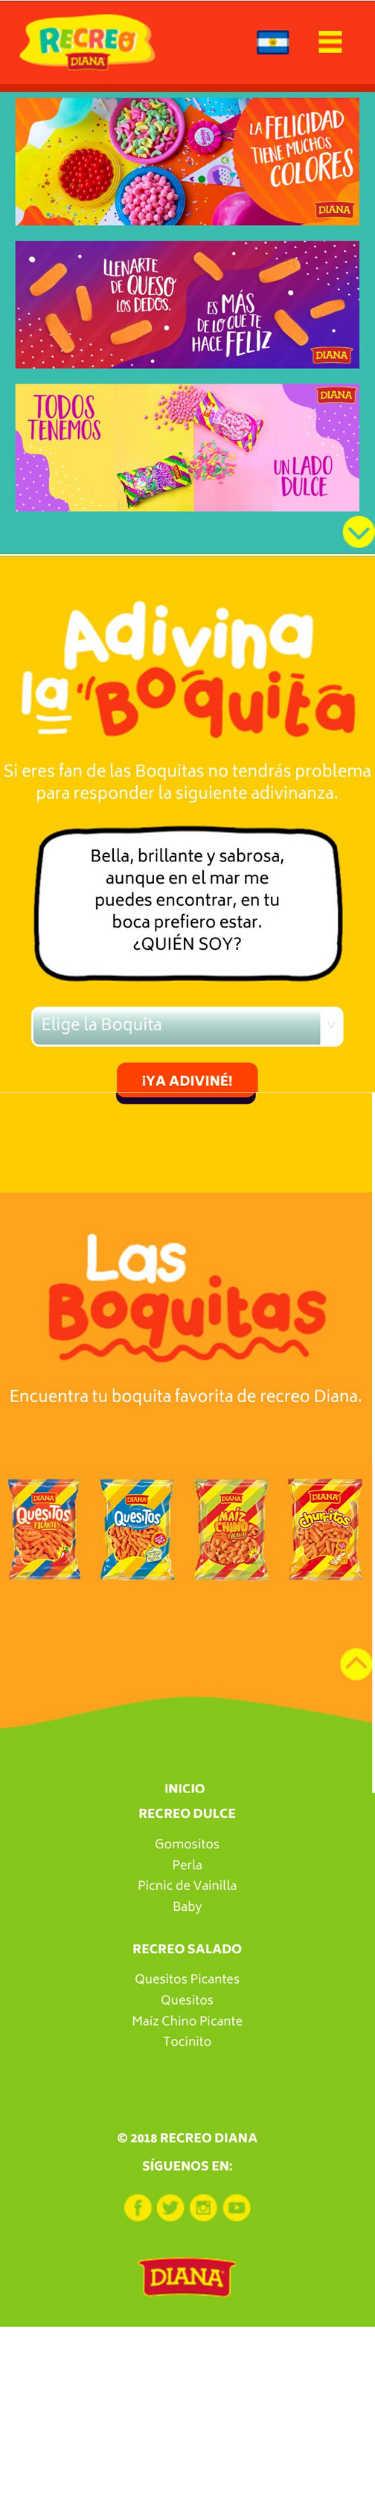 portafolio desarrollo-digital-marcas-salvadoreñas